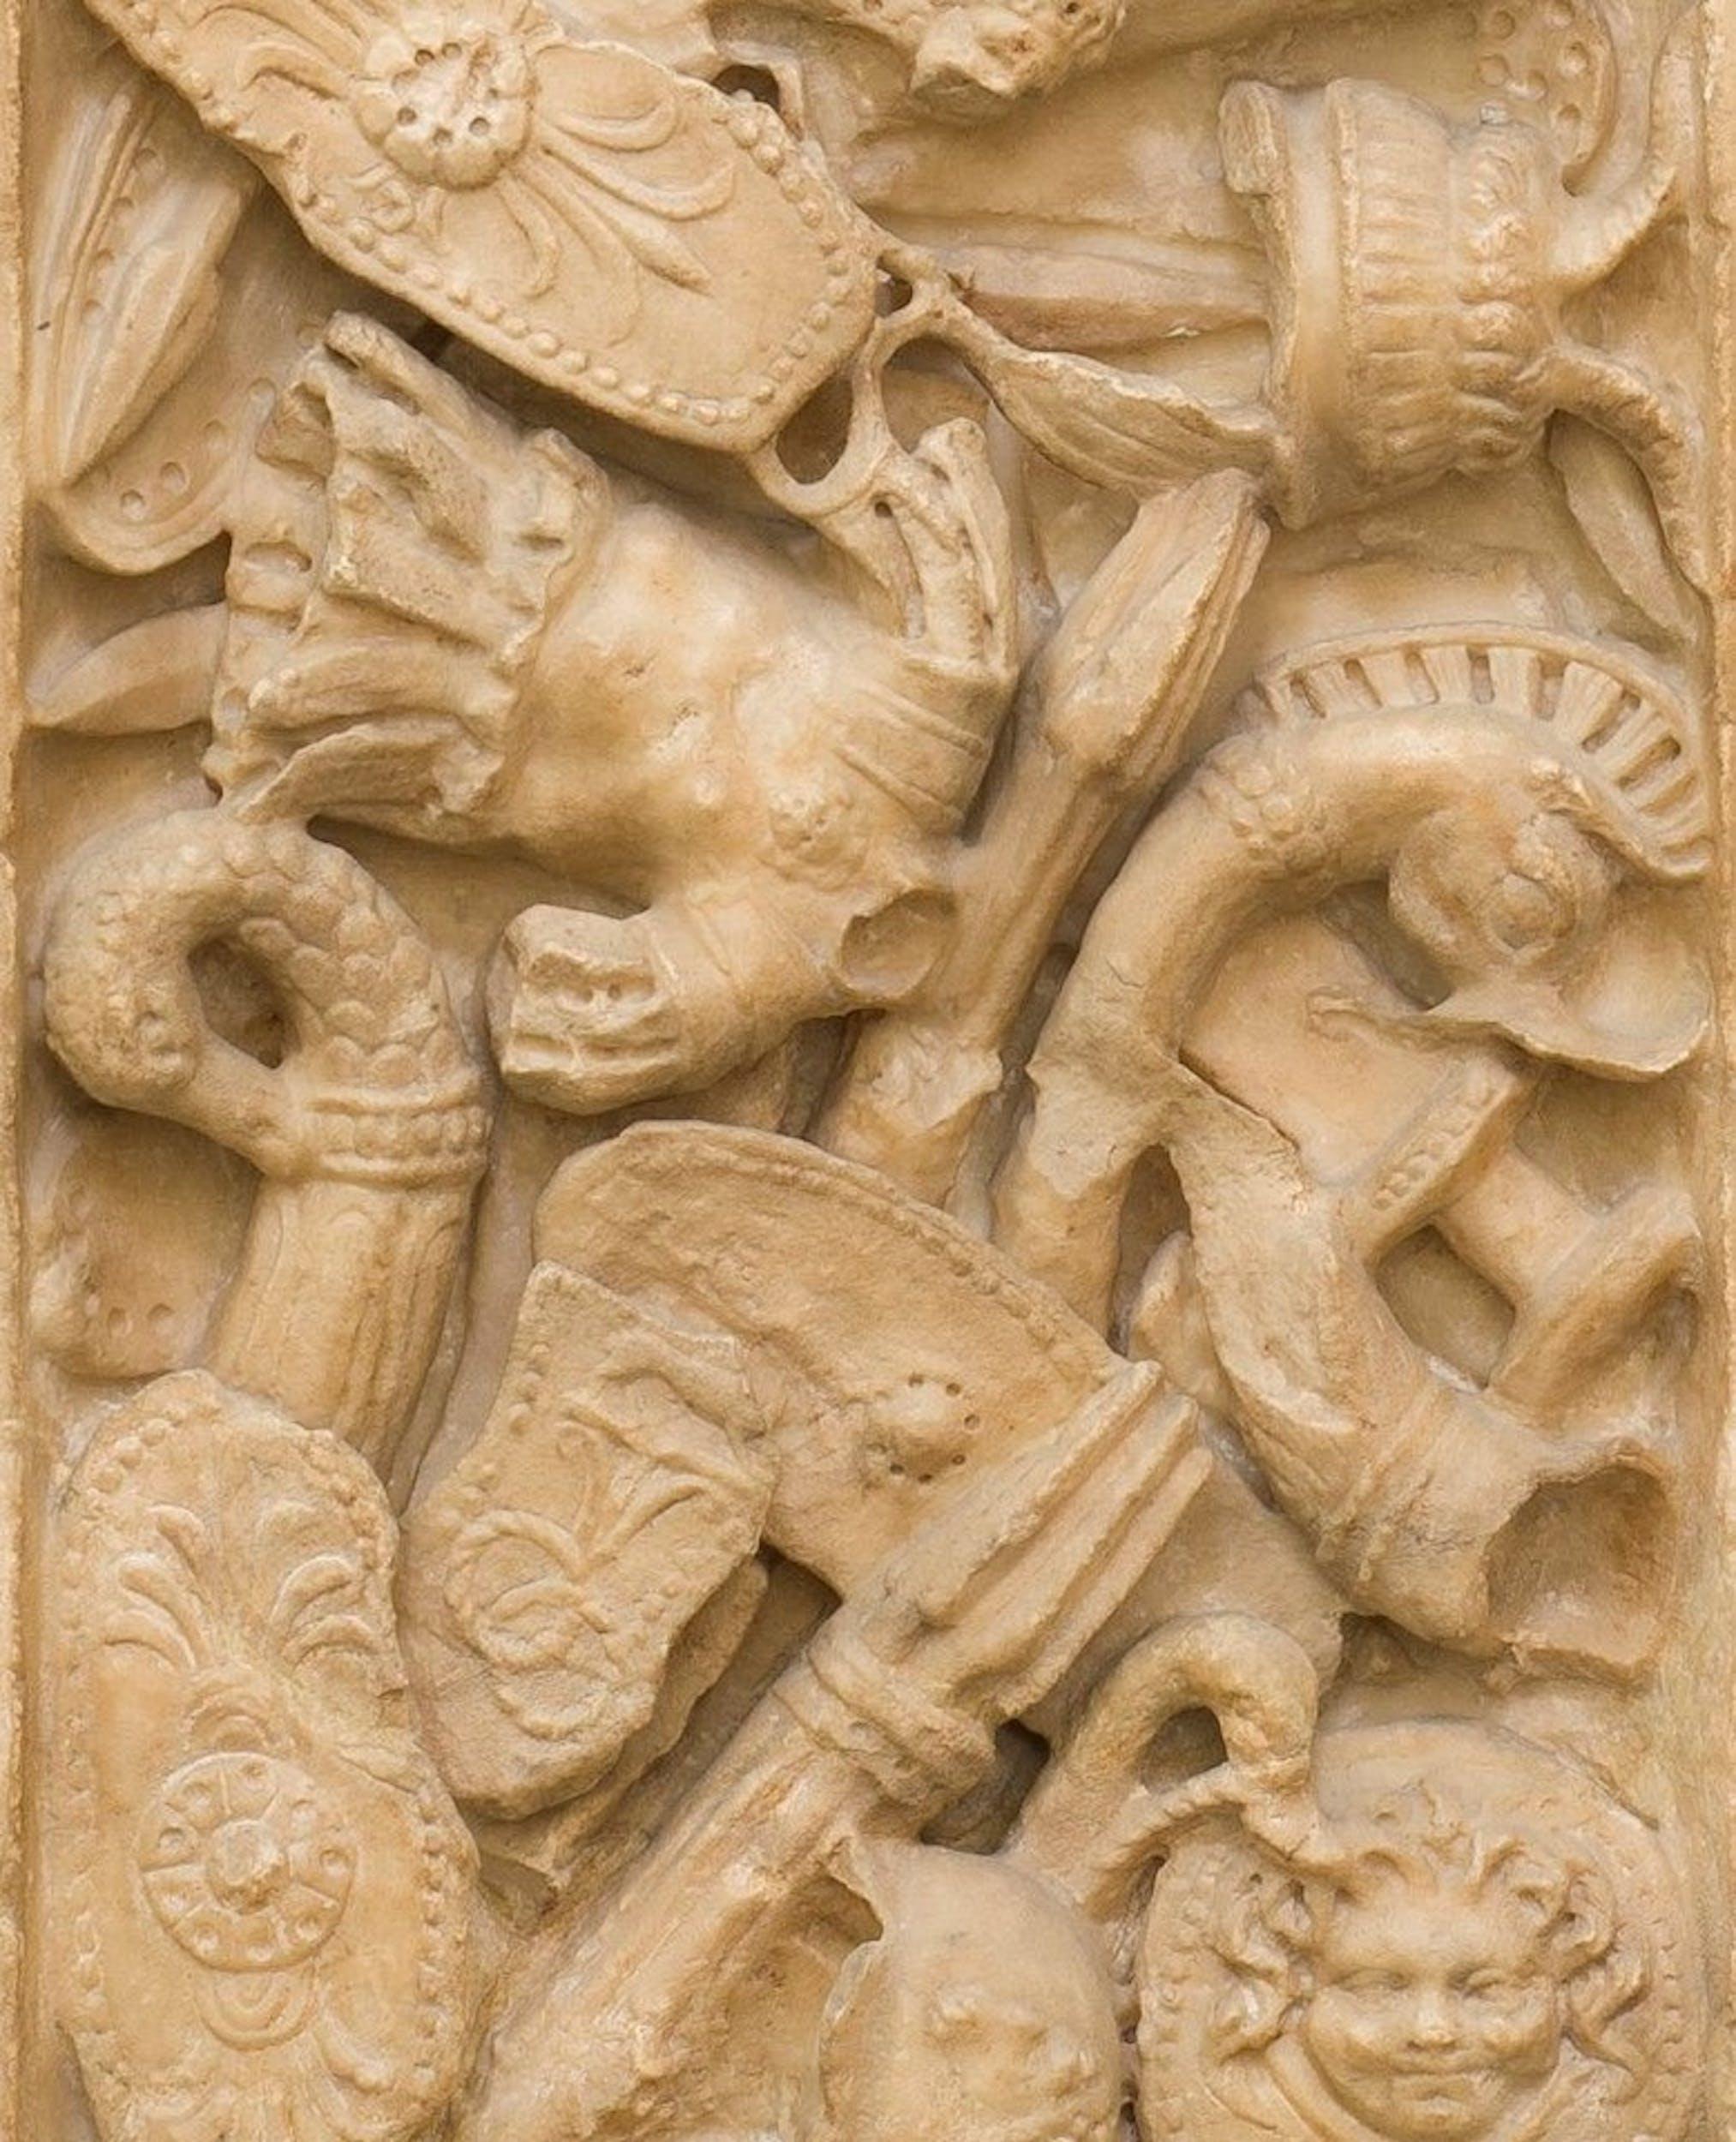 Pilastro con panoplie dall'Armilustrium dell'Aventino (particolare)  Gallerie degli Uffizi, Galleria delle Statue e delle Pitture, Ricetto Lorenese, inv. 1914 n. 72 Fine I sec. d.C. marmo italico, h. 320 cm